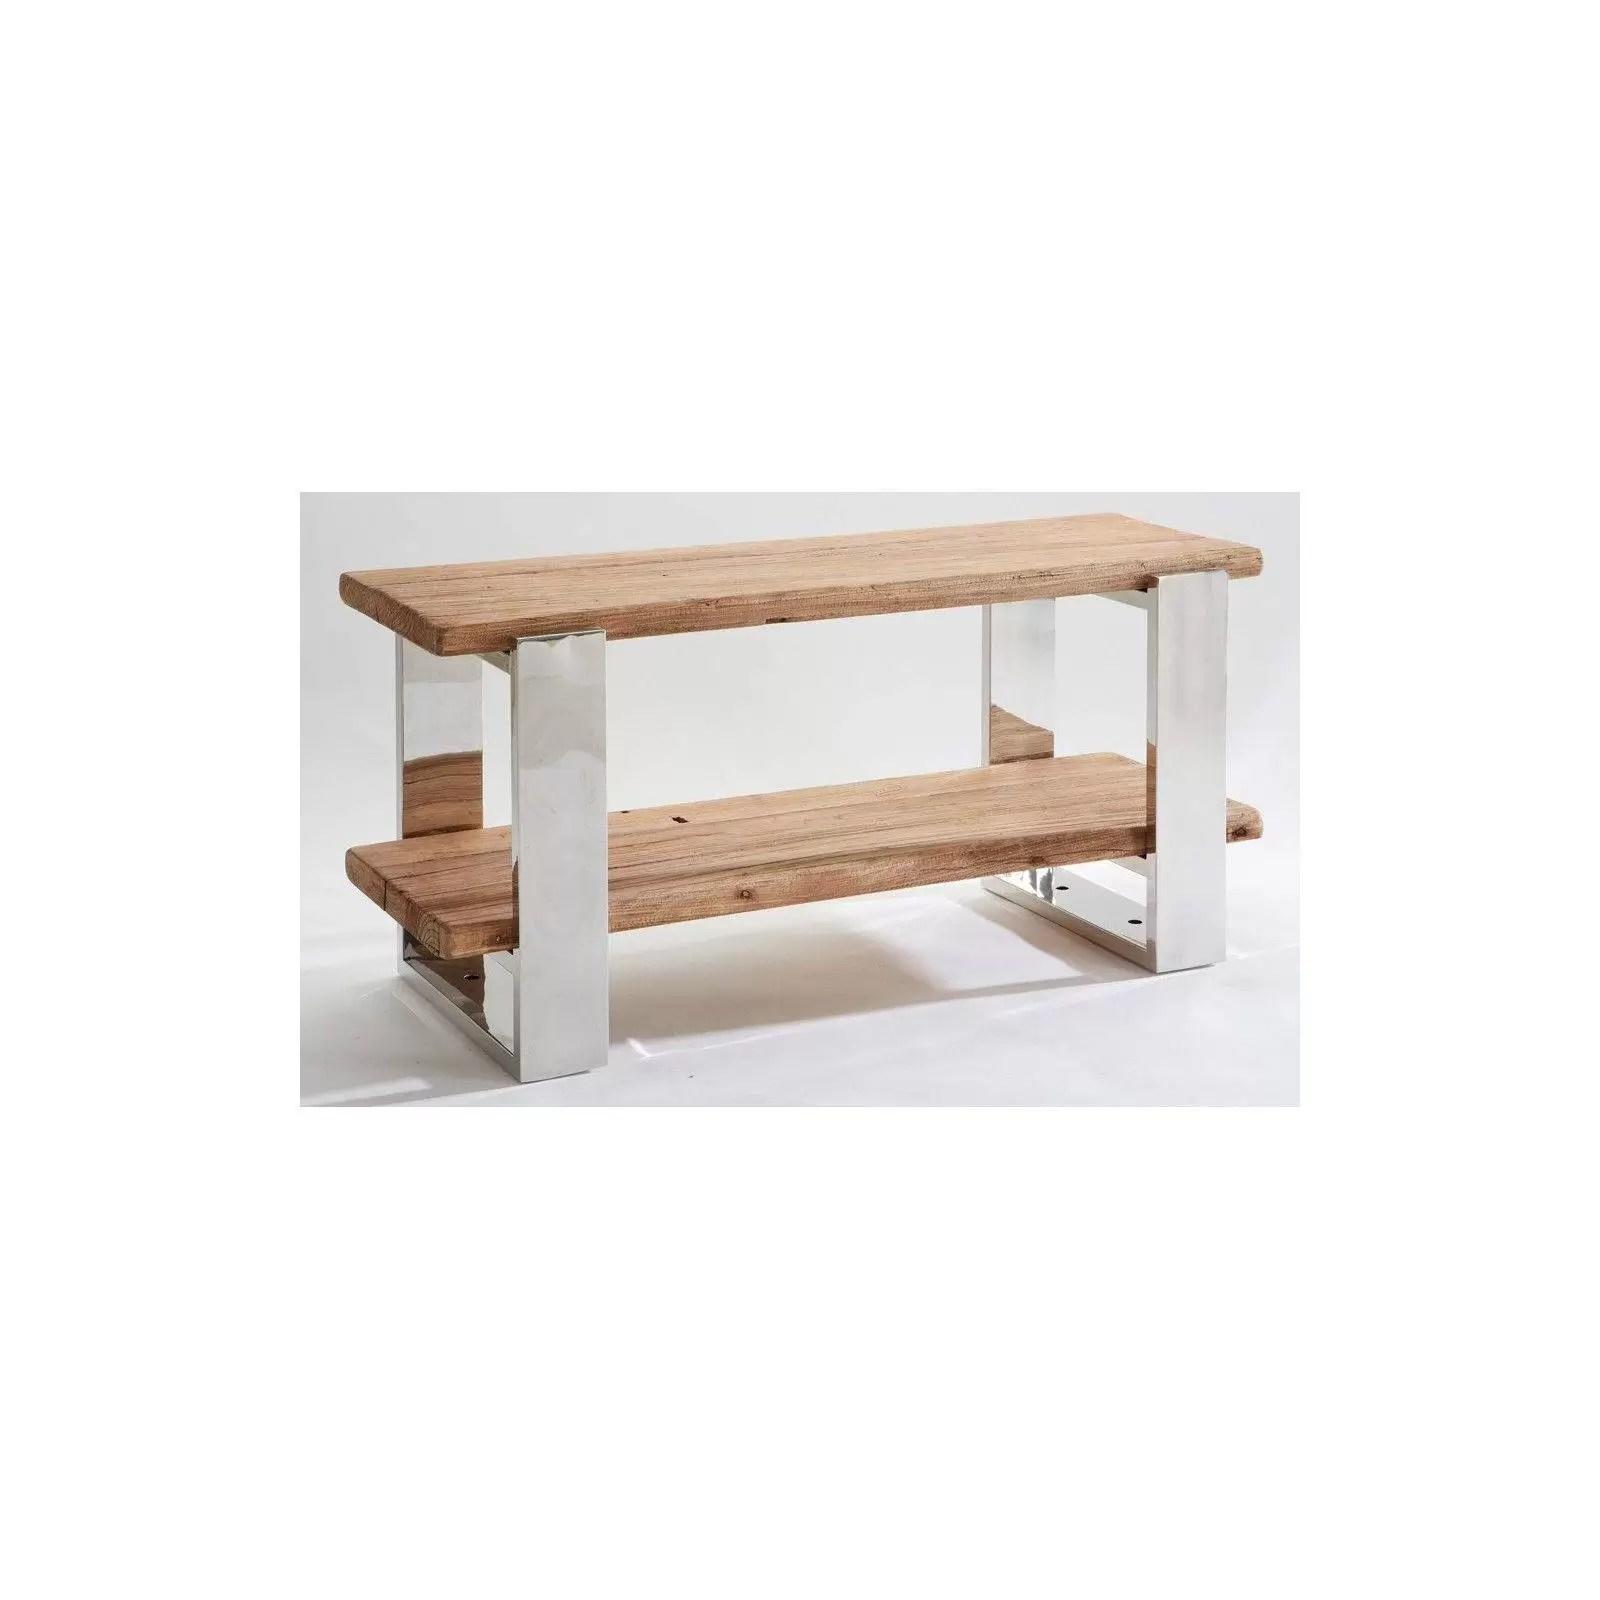 meuble tv stainless ethnique chic en bois et metal 120cm bois et chiffons